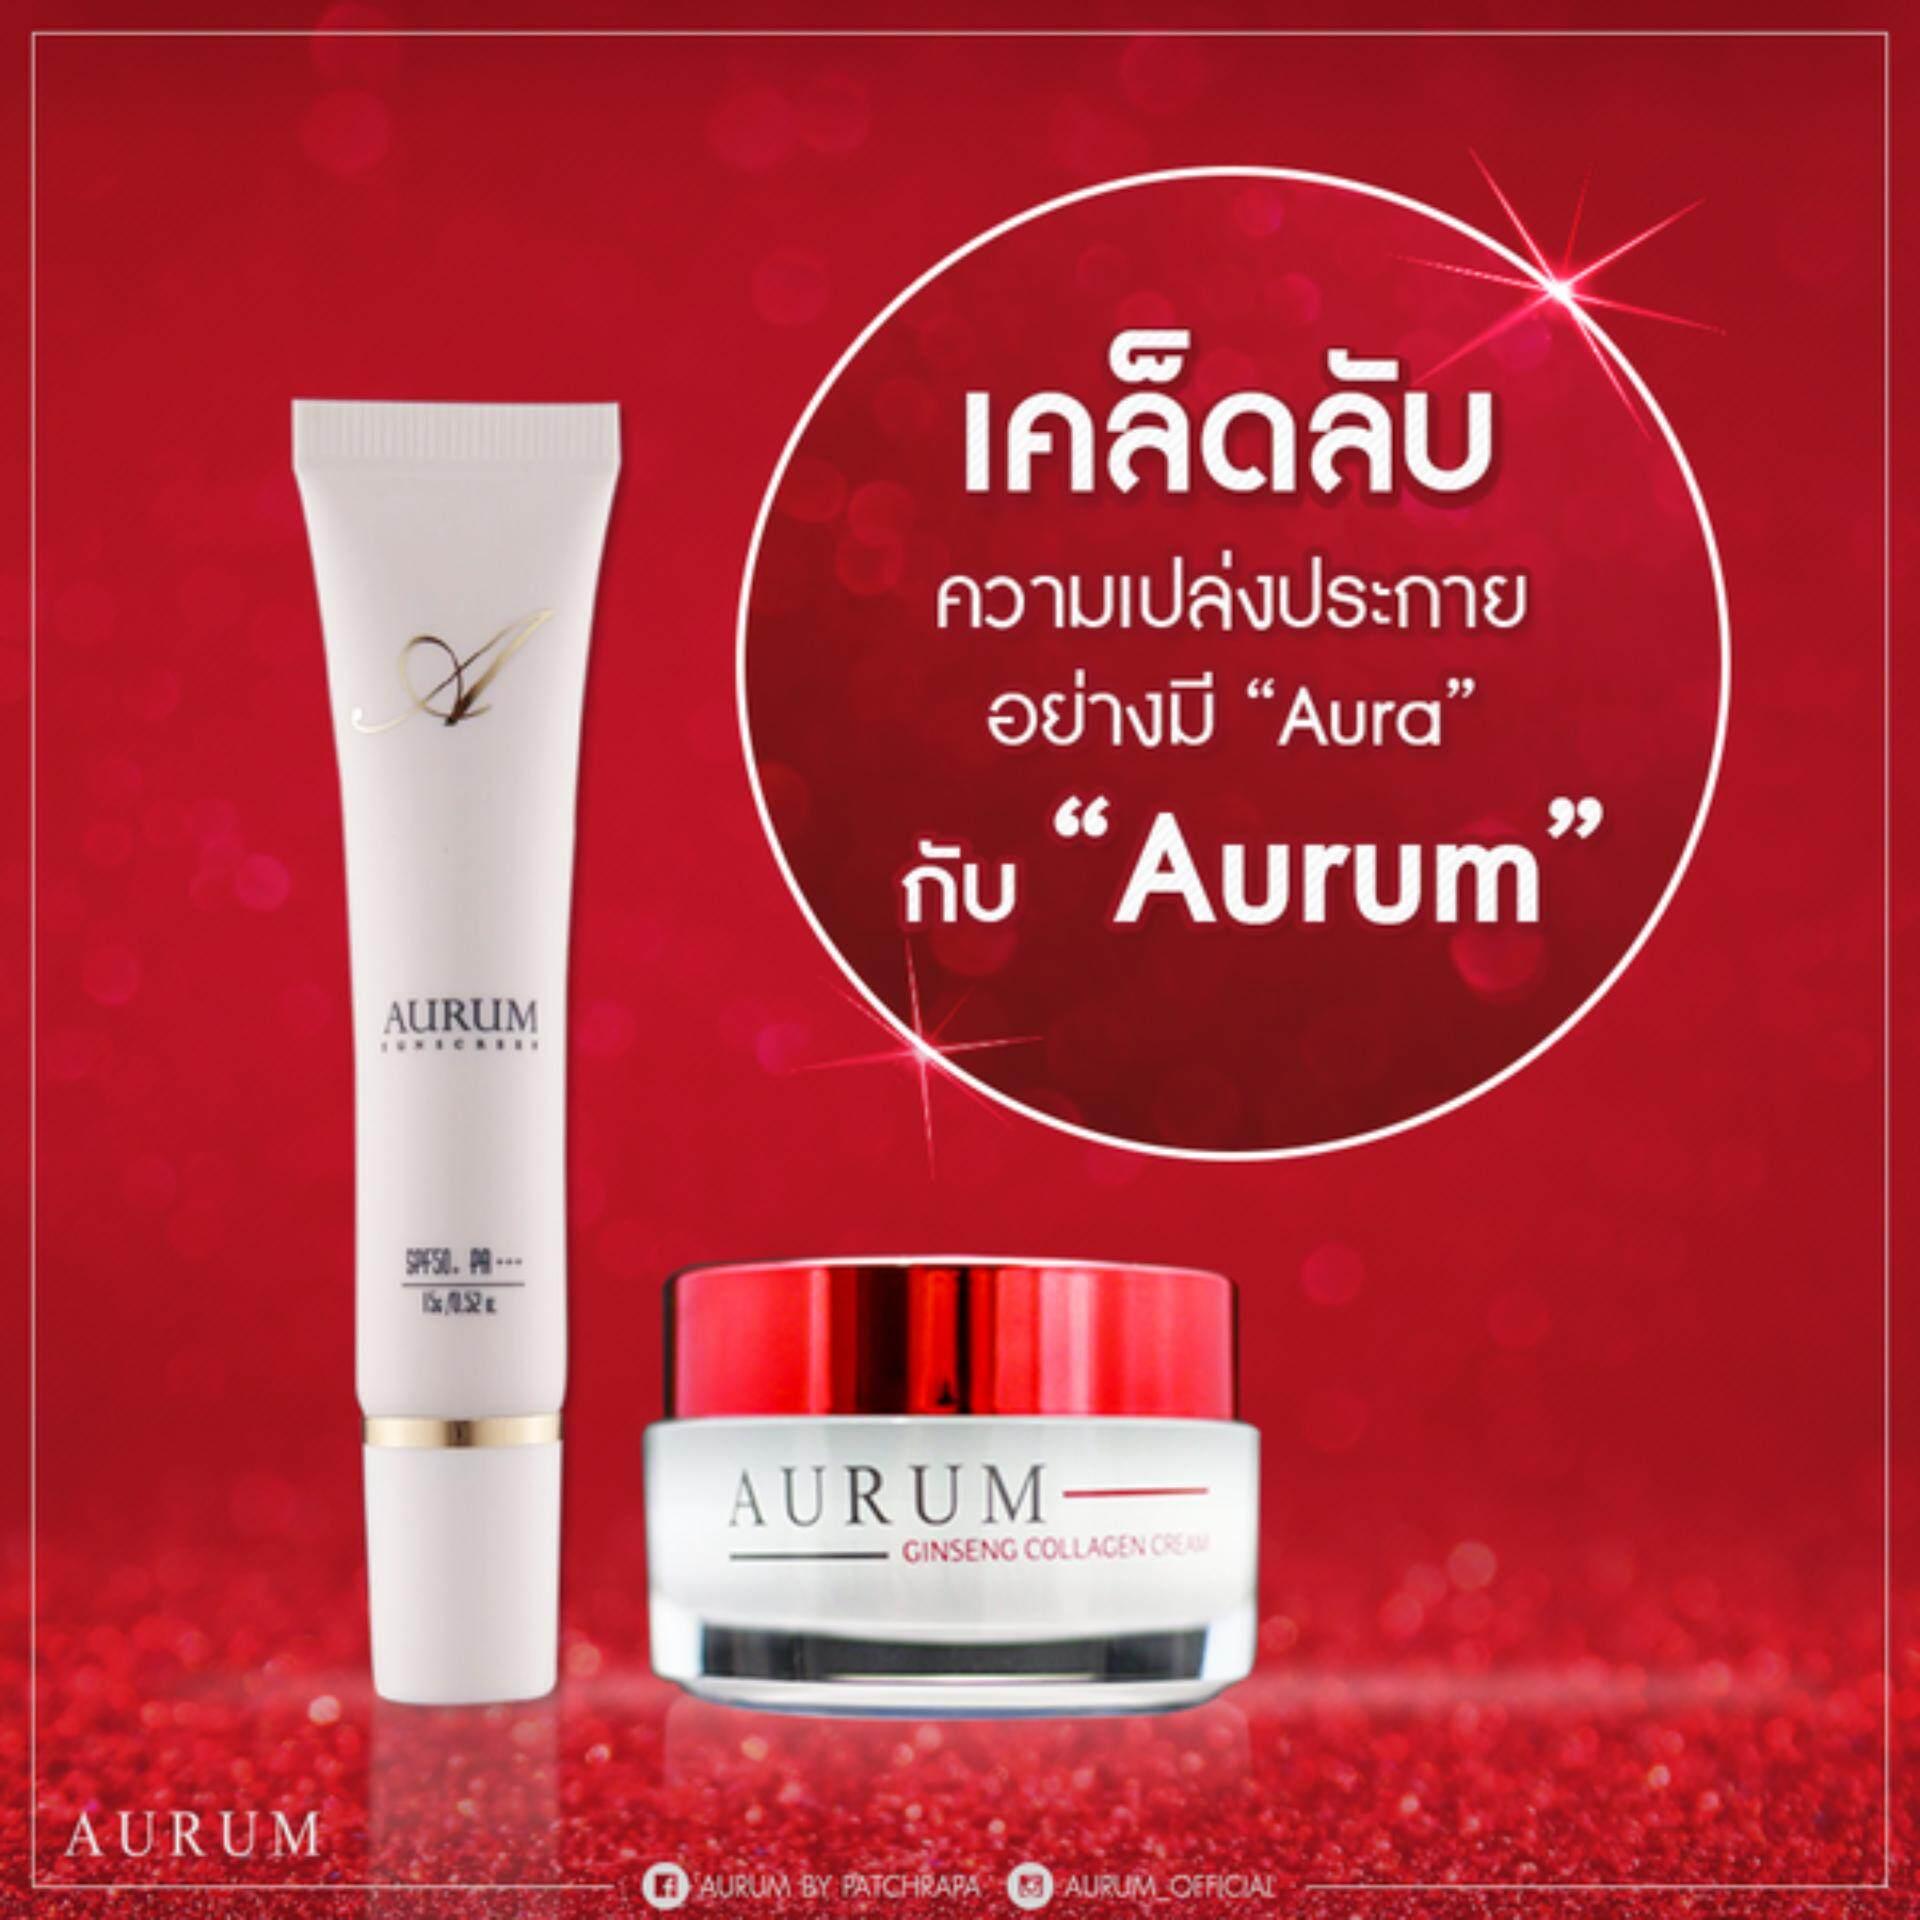 ขายถูกสุดๆ Aurum Ginseng Collagen Cream ออรั่ม ครีม อั้ม พัชราภา 50g. + Aurum Sunscreen Ultimate Nano Sun Protection SPF50+ PA+++ ครีมกันแดด อั้ม พัชราภา 15g. ขายดีที่สุด